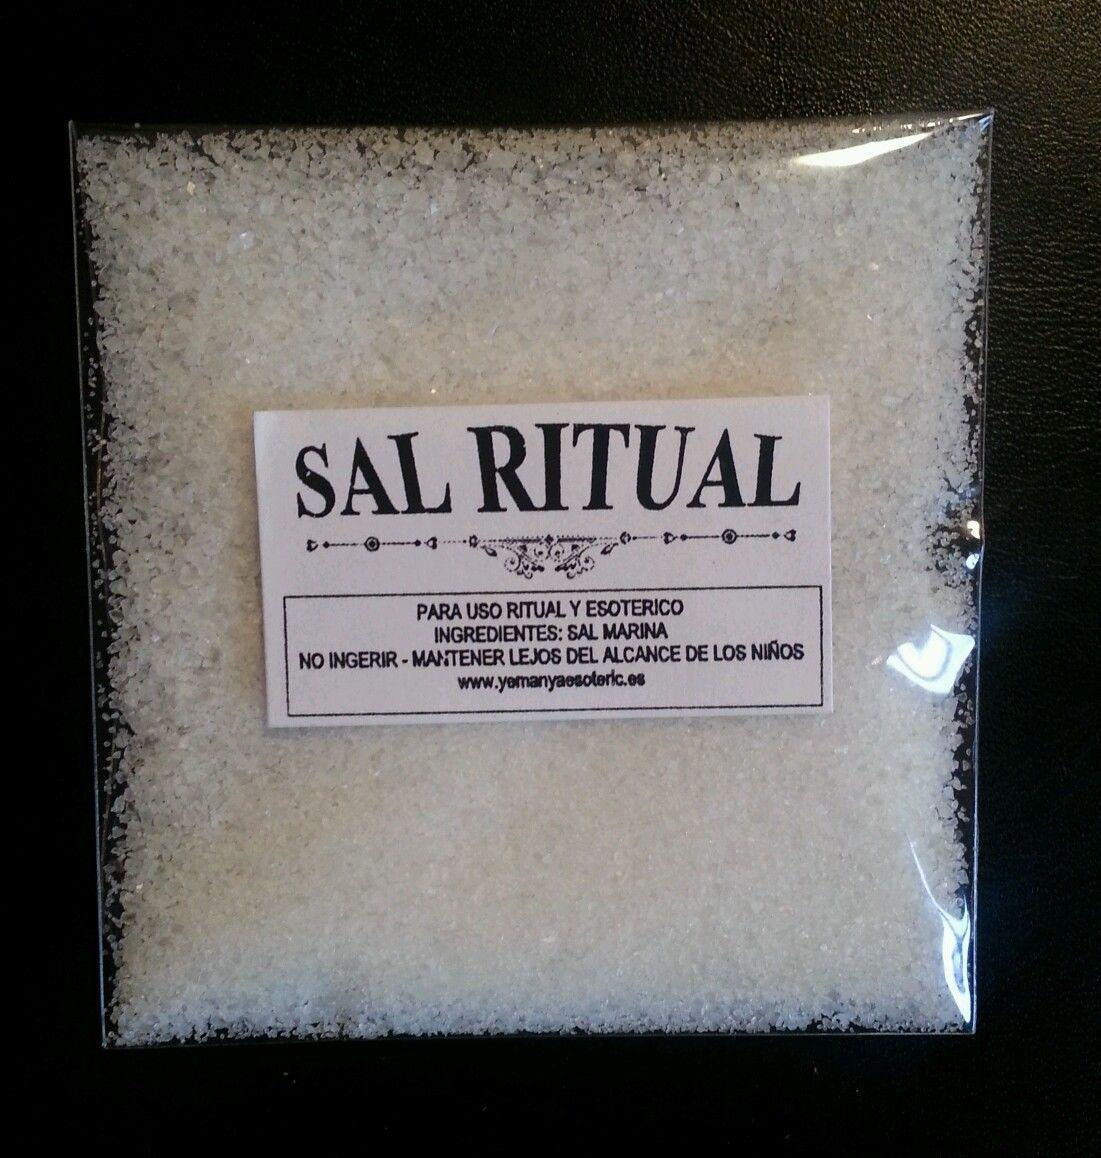 SAL RITUAL